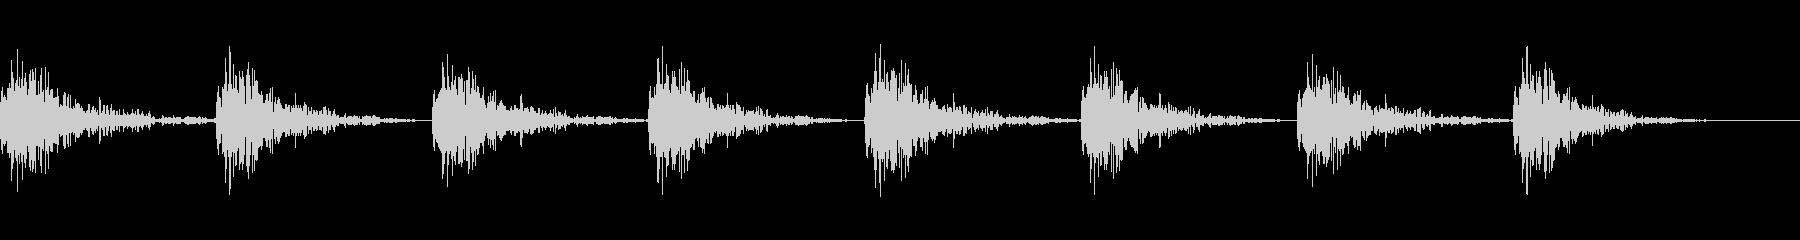 どすん(巨人、歩く、足音)A04の未再生の波形